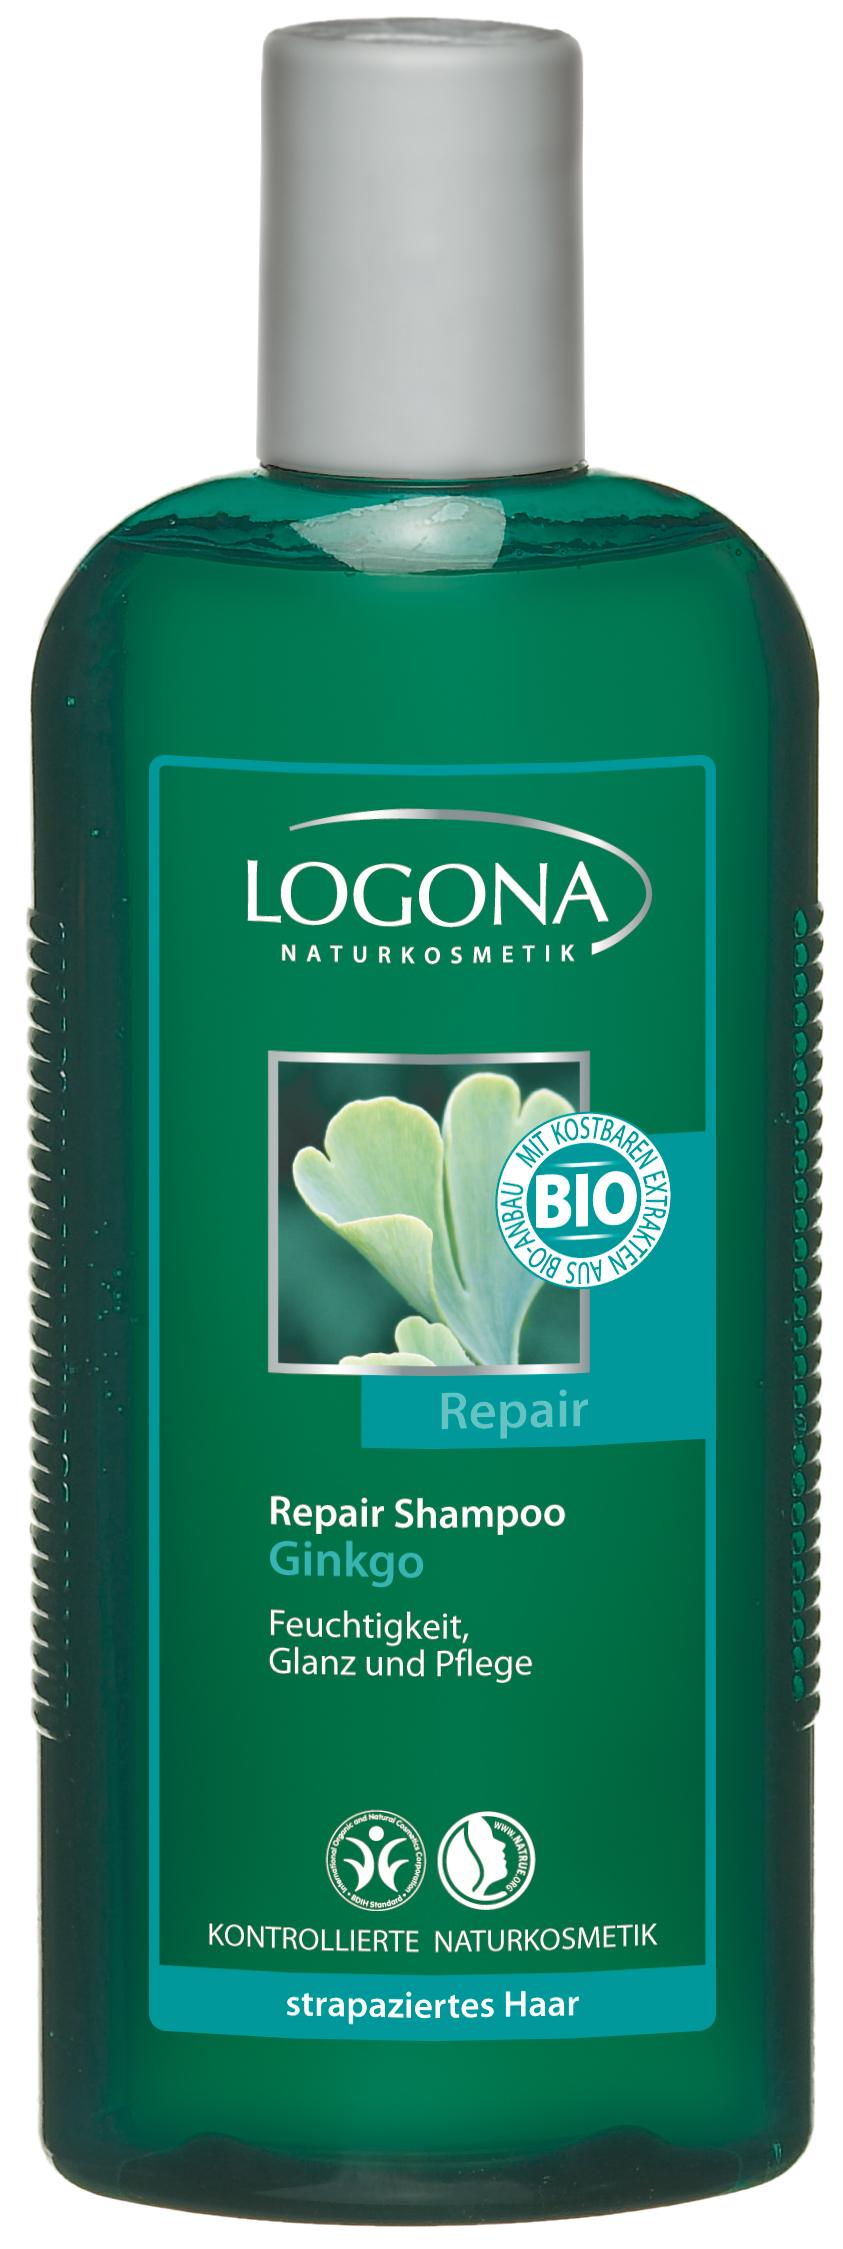 Шампоан Гинго за суха и повредена коса